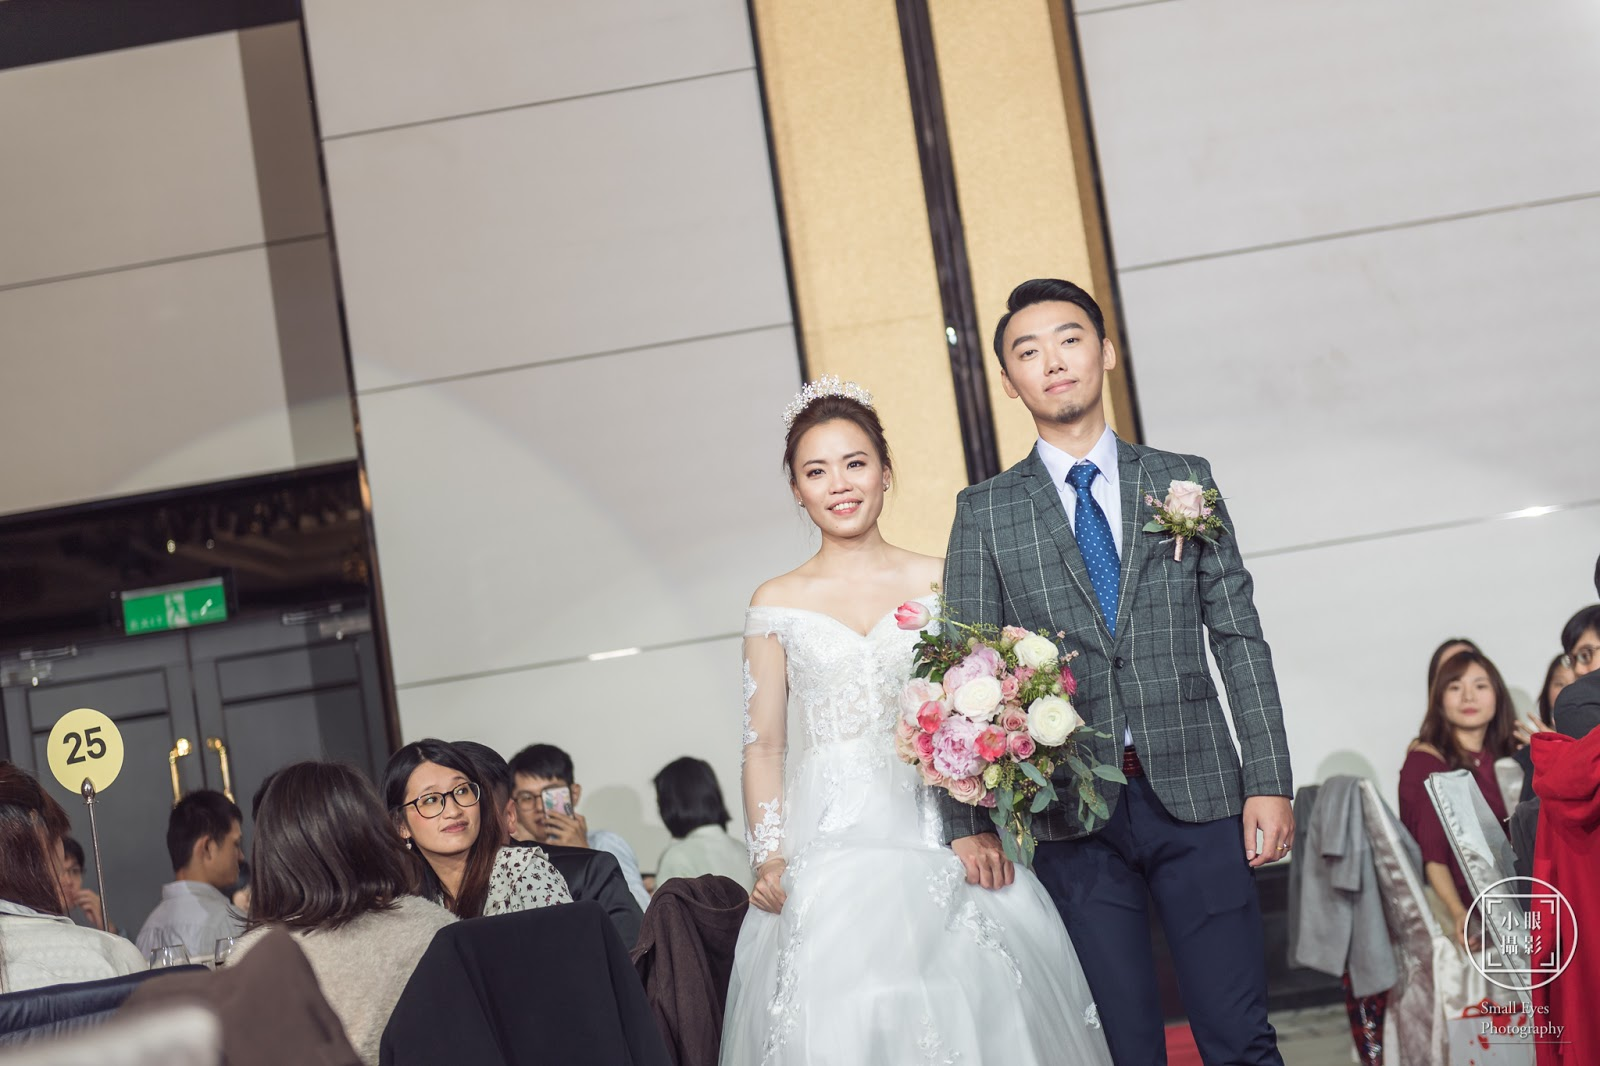 婚攝,小眼攝影,婚禮紀實,婚禮紀錄,婚紗,國內婚紗,海外婚紗,寫真,婚攝小眼,新竹,竹北,喜來登